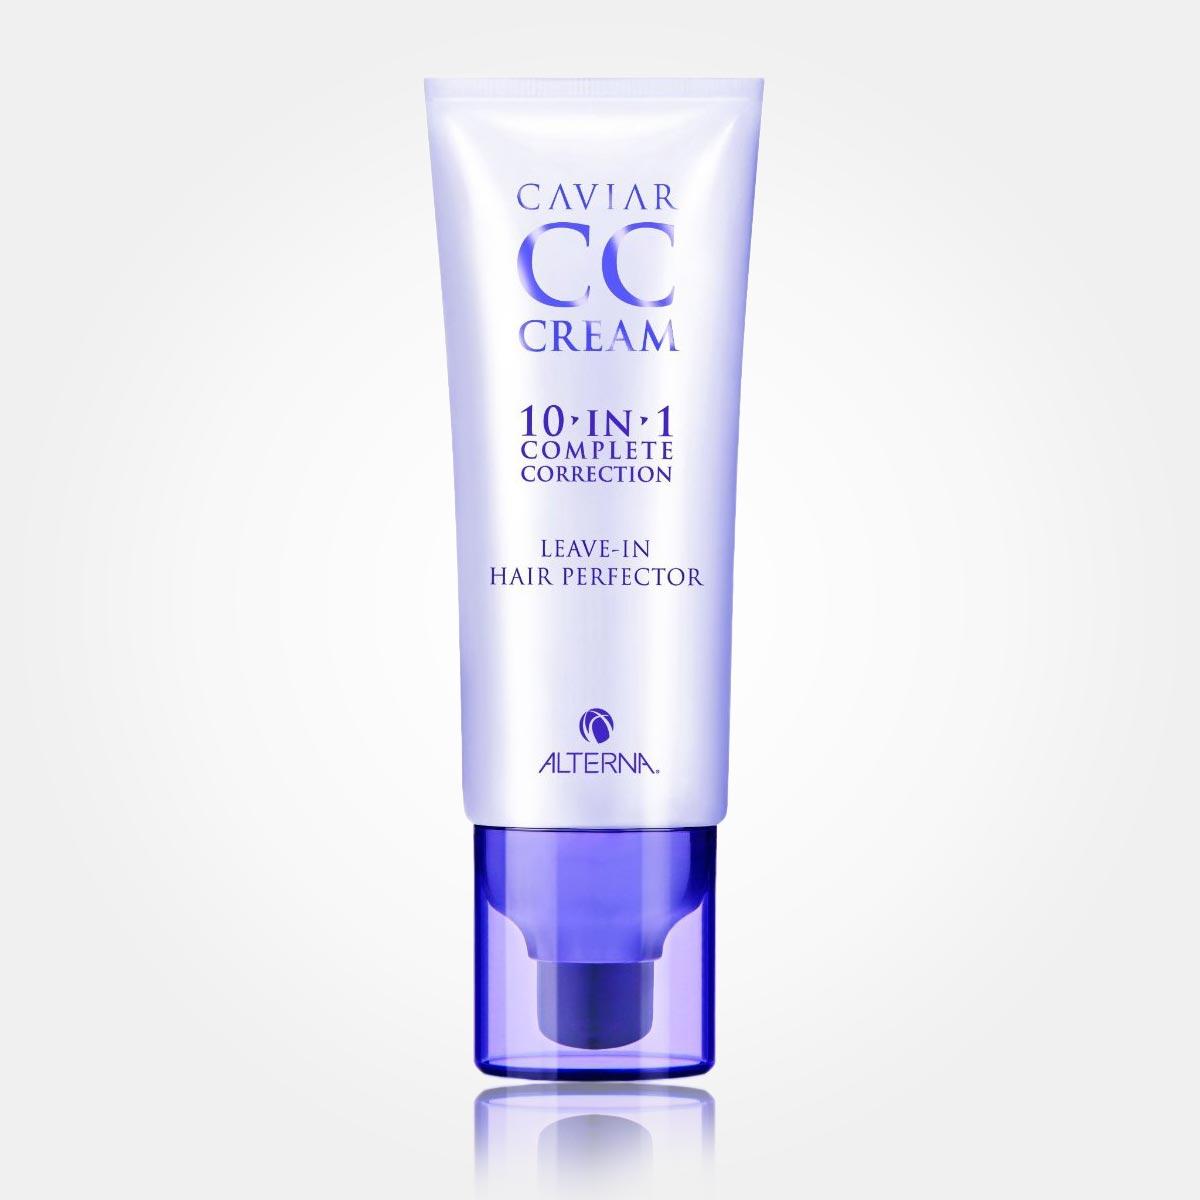 Vlny vo vlasoch – namiesto tradičného stylingu použite vlasový CC krém Alterna Caviar CC Cream 10 in 1.